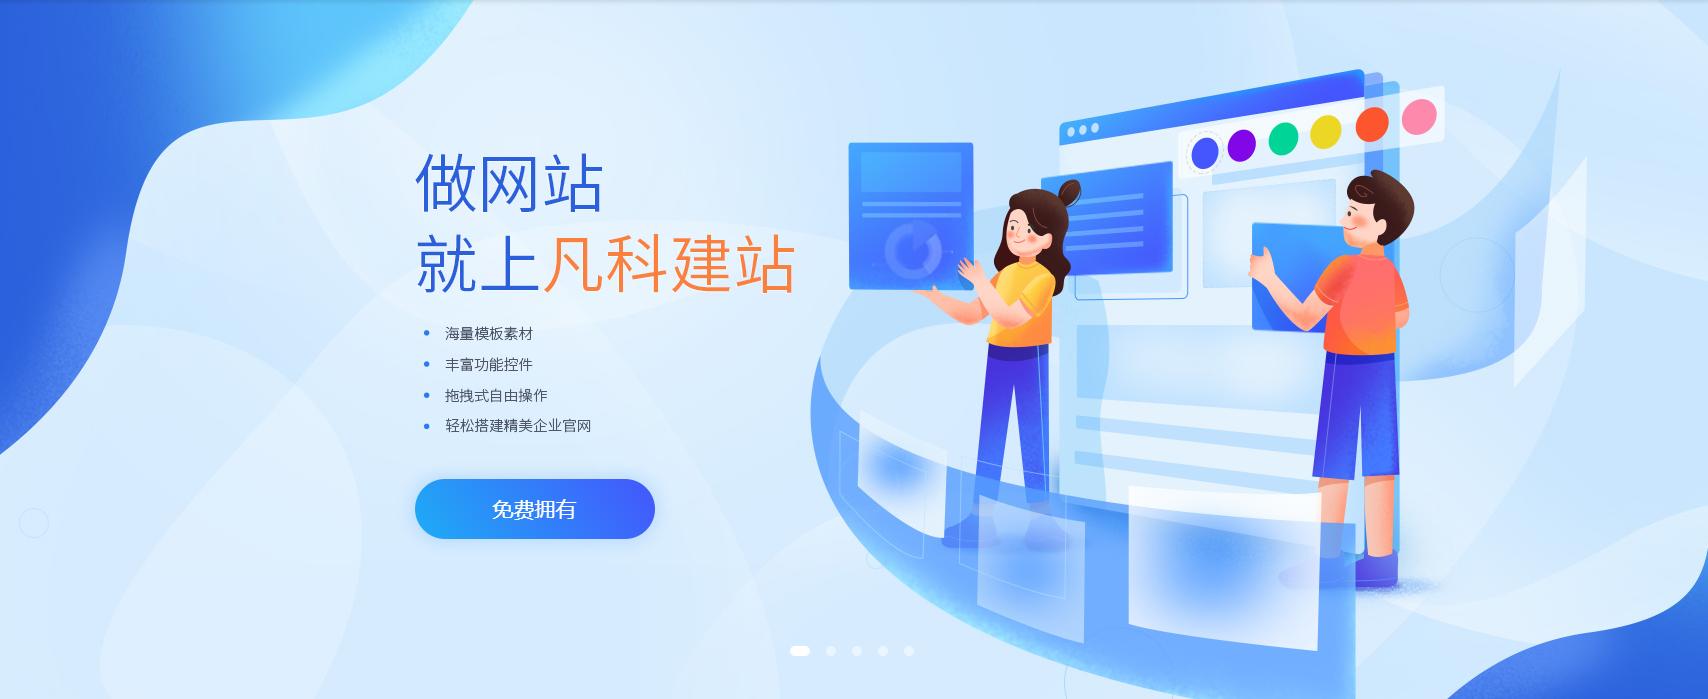 电商网站_电商网站的产品页要怎样设计